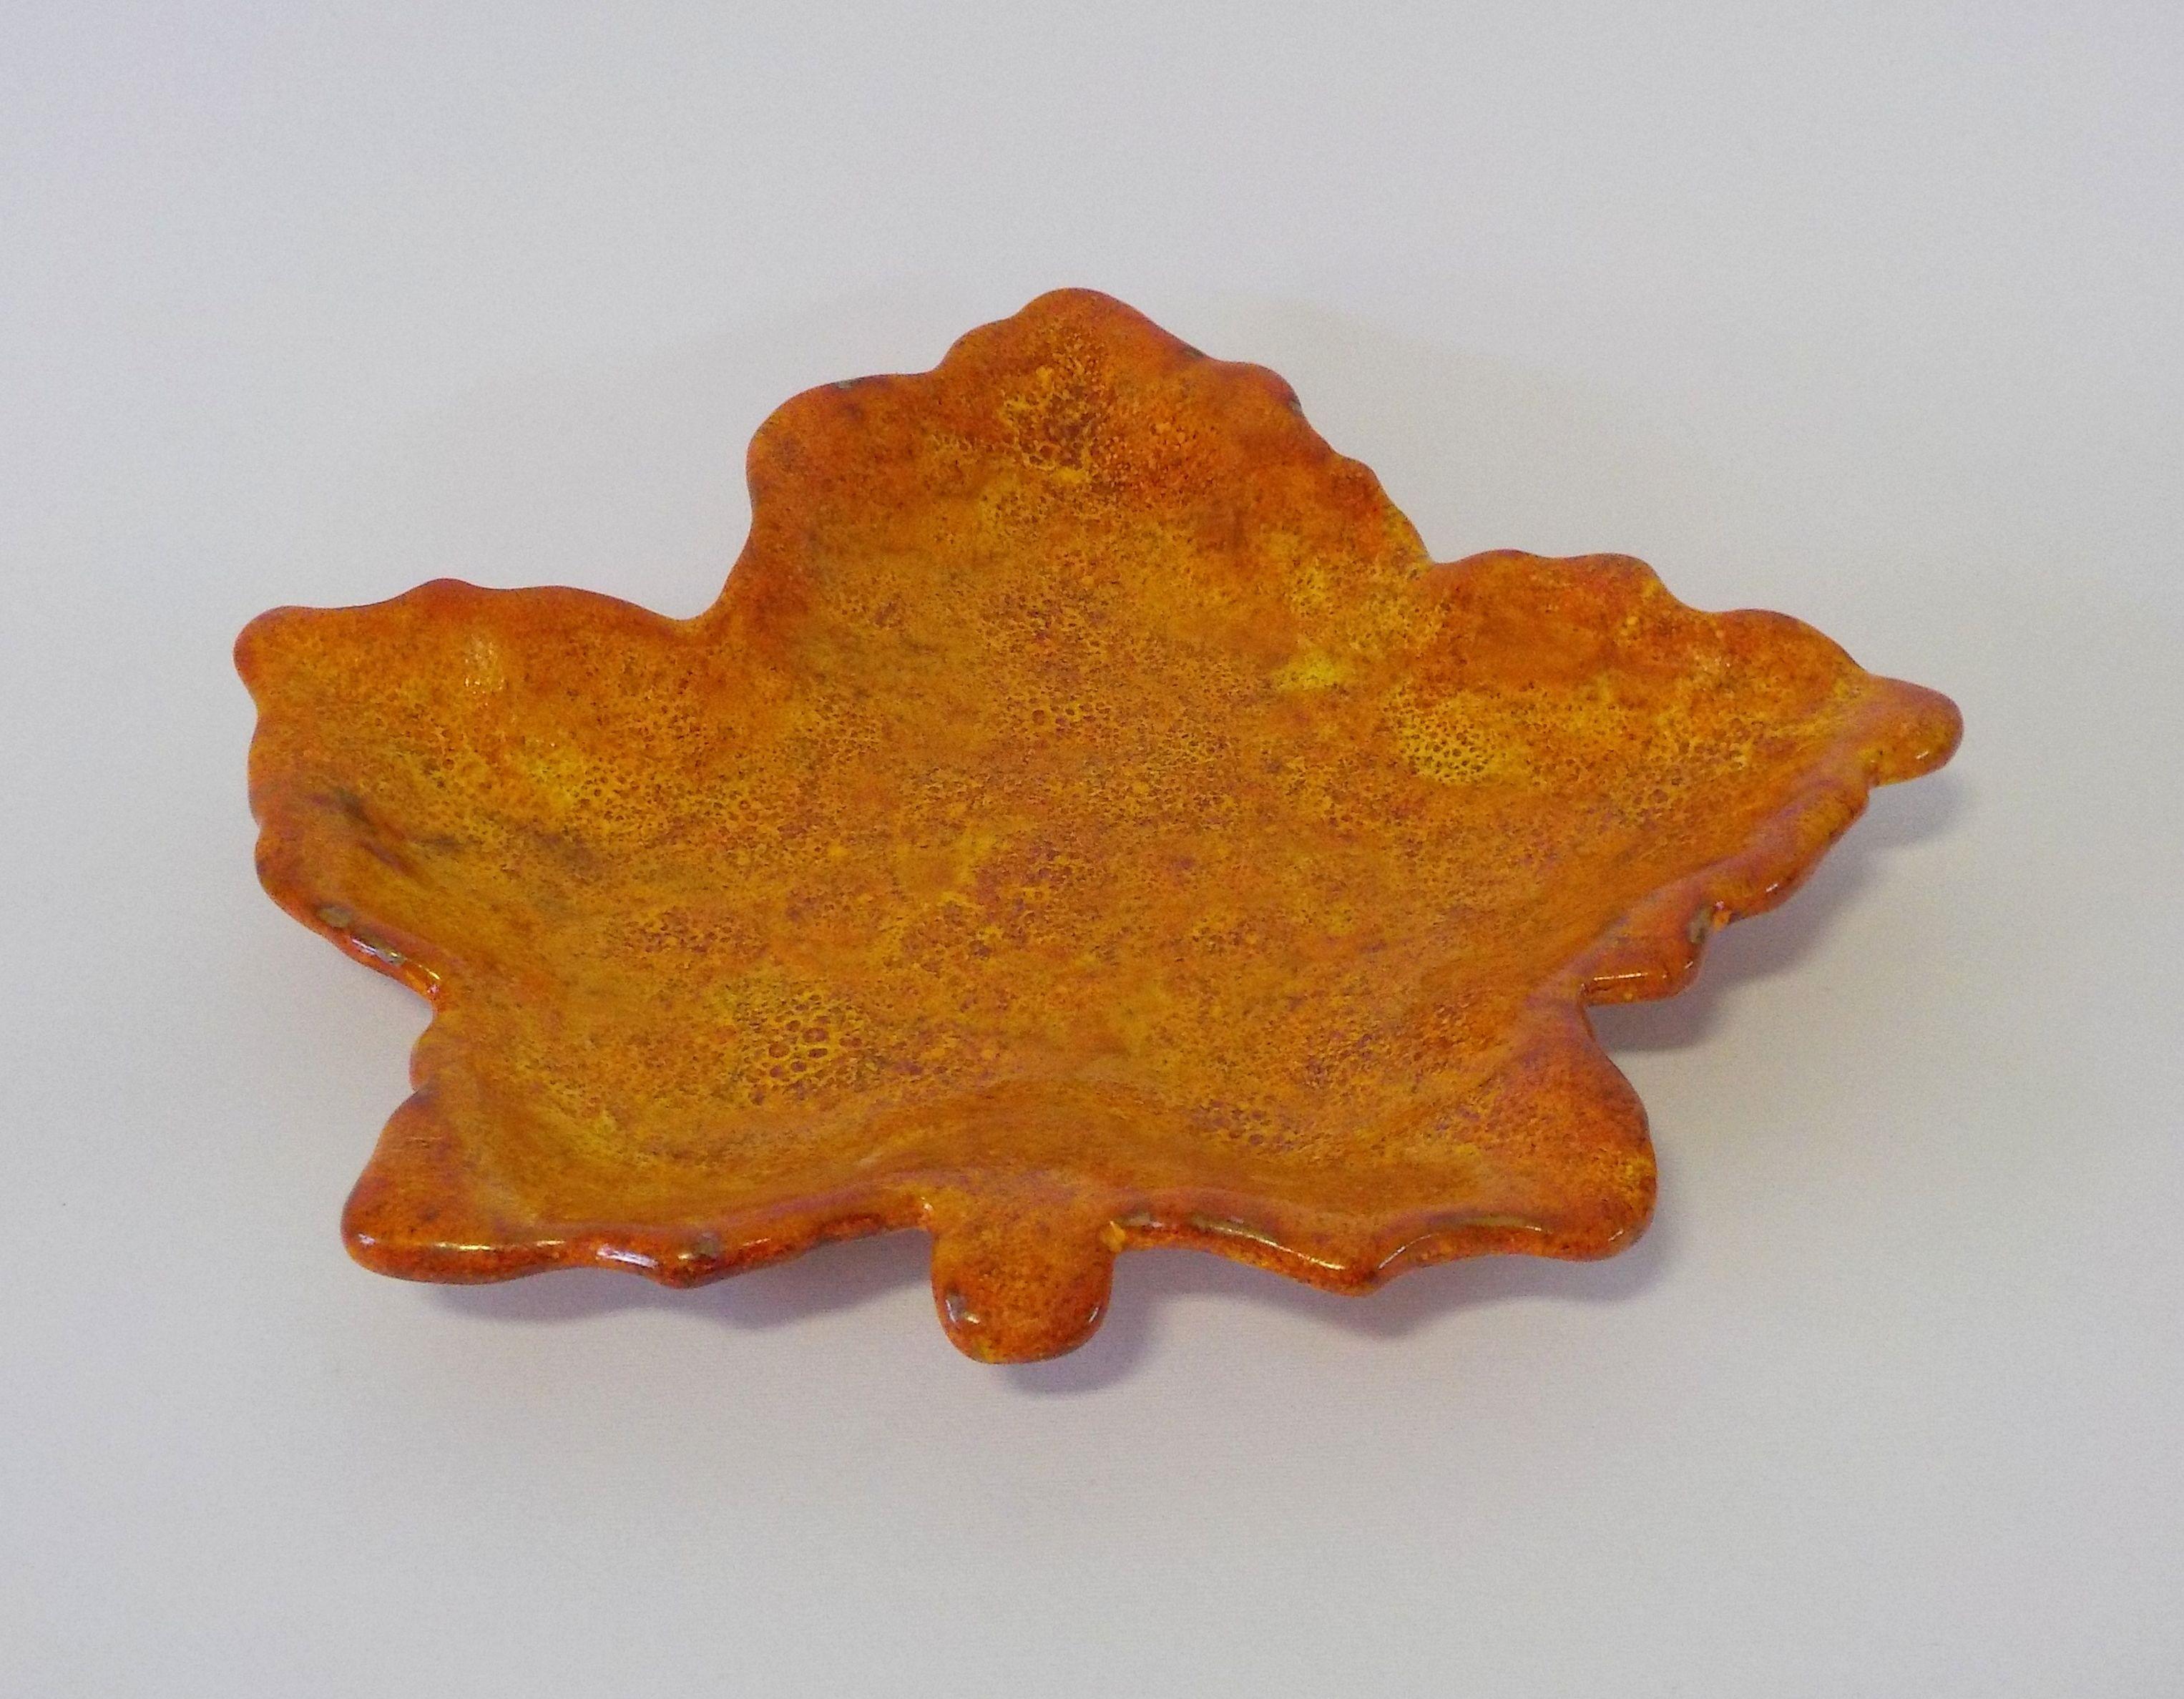 Centrotavola in terracotta. Lavorazione completamente artigianale, disponibile in diversi colori. 35€ su etsy.com